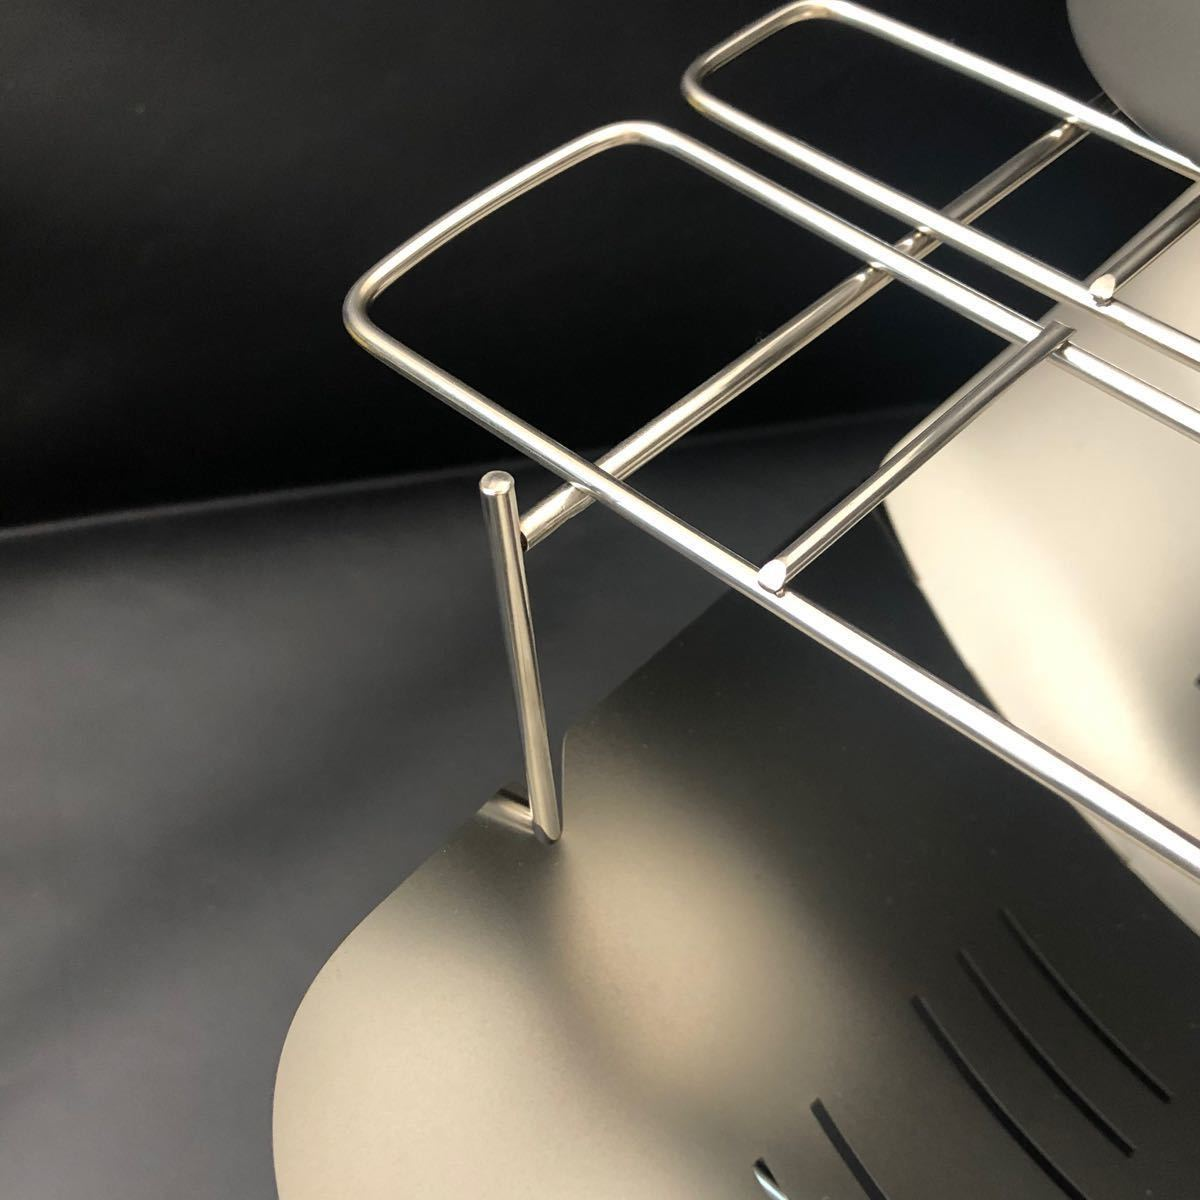 焚き火台 超人気 折り畳み式 頑丈で小型 バーベキューコンロ スピット3本付き